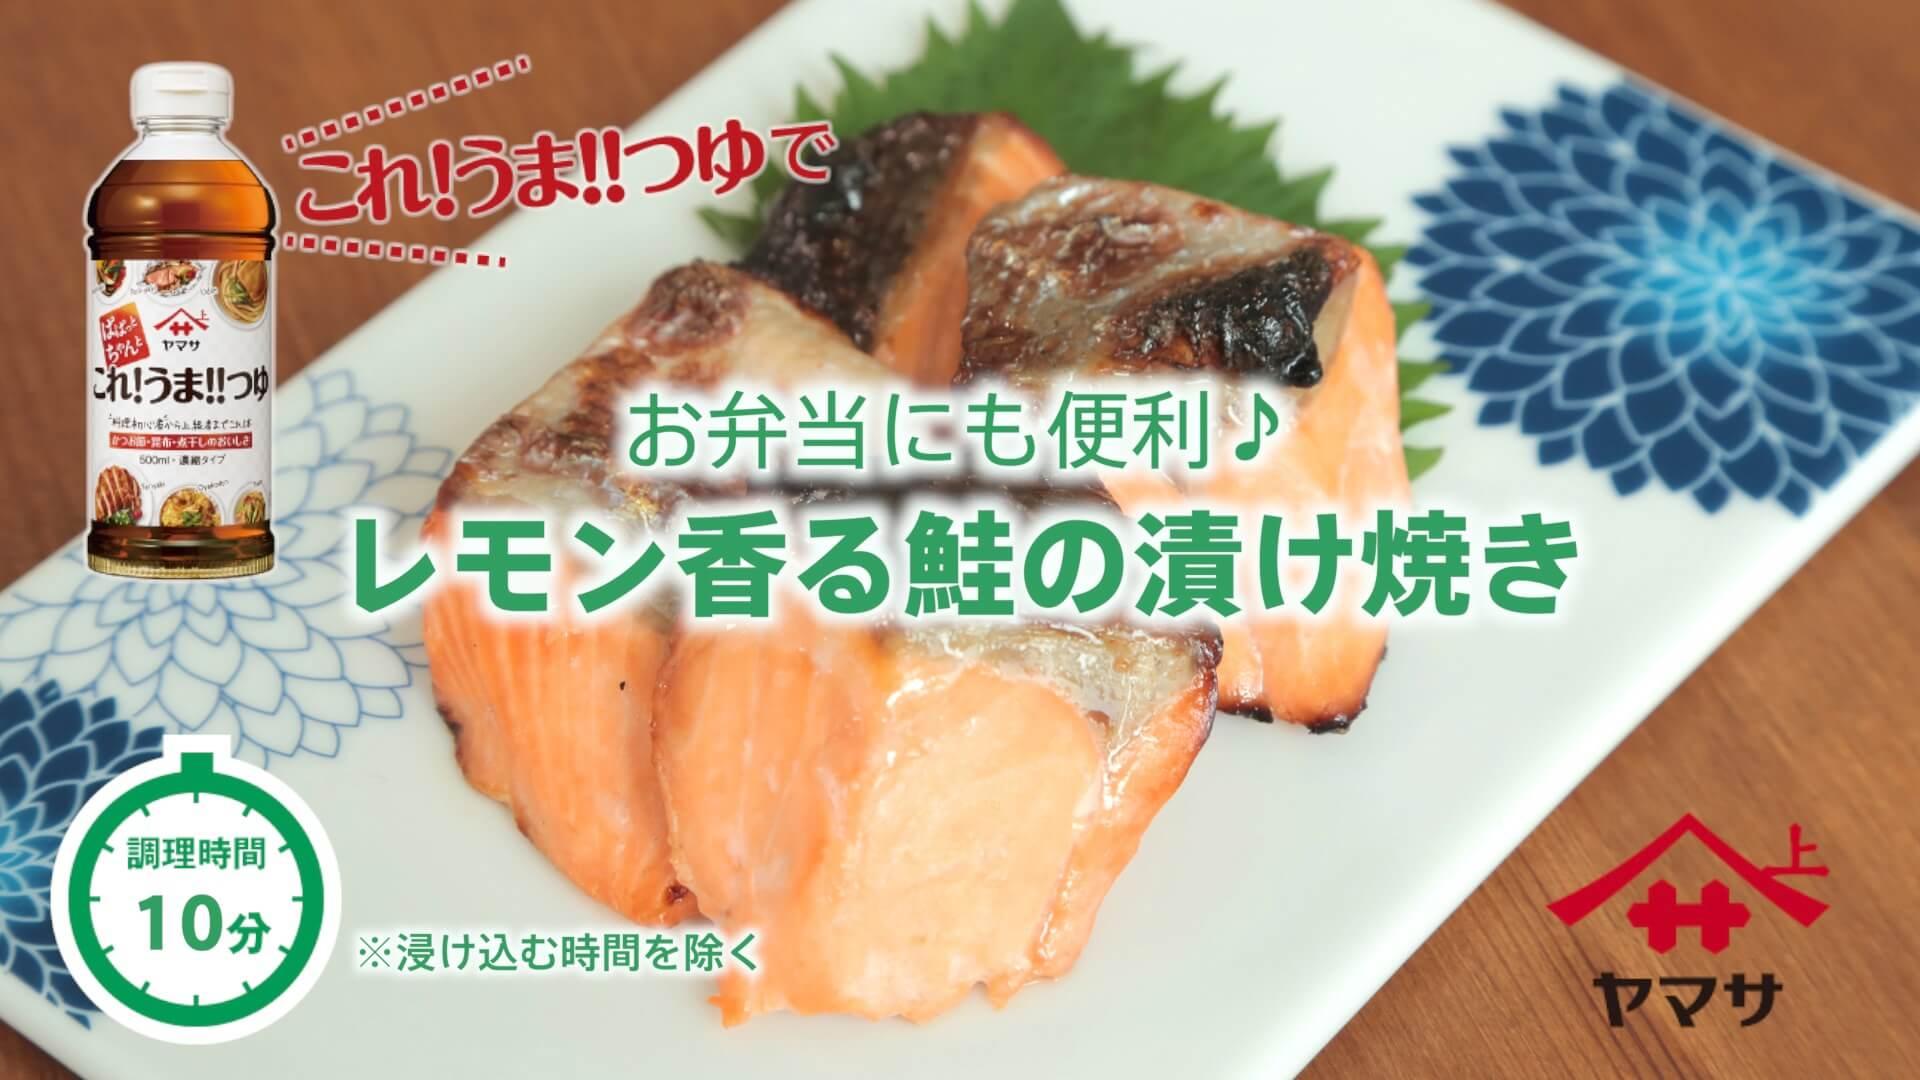 レモン香る鮭の漬け焼き